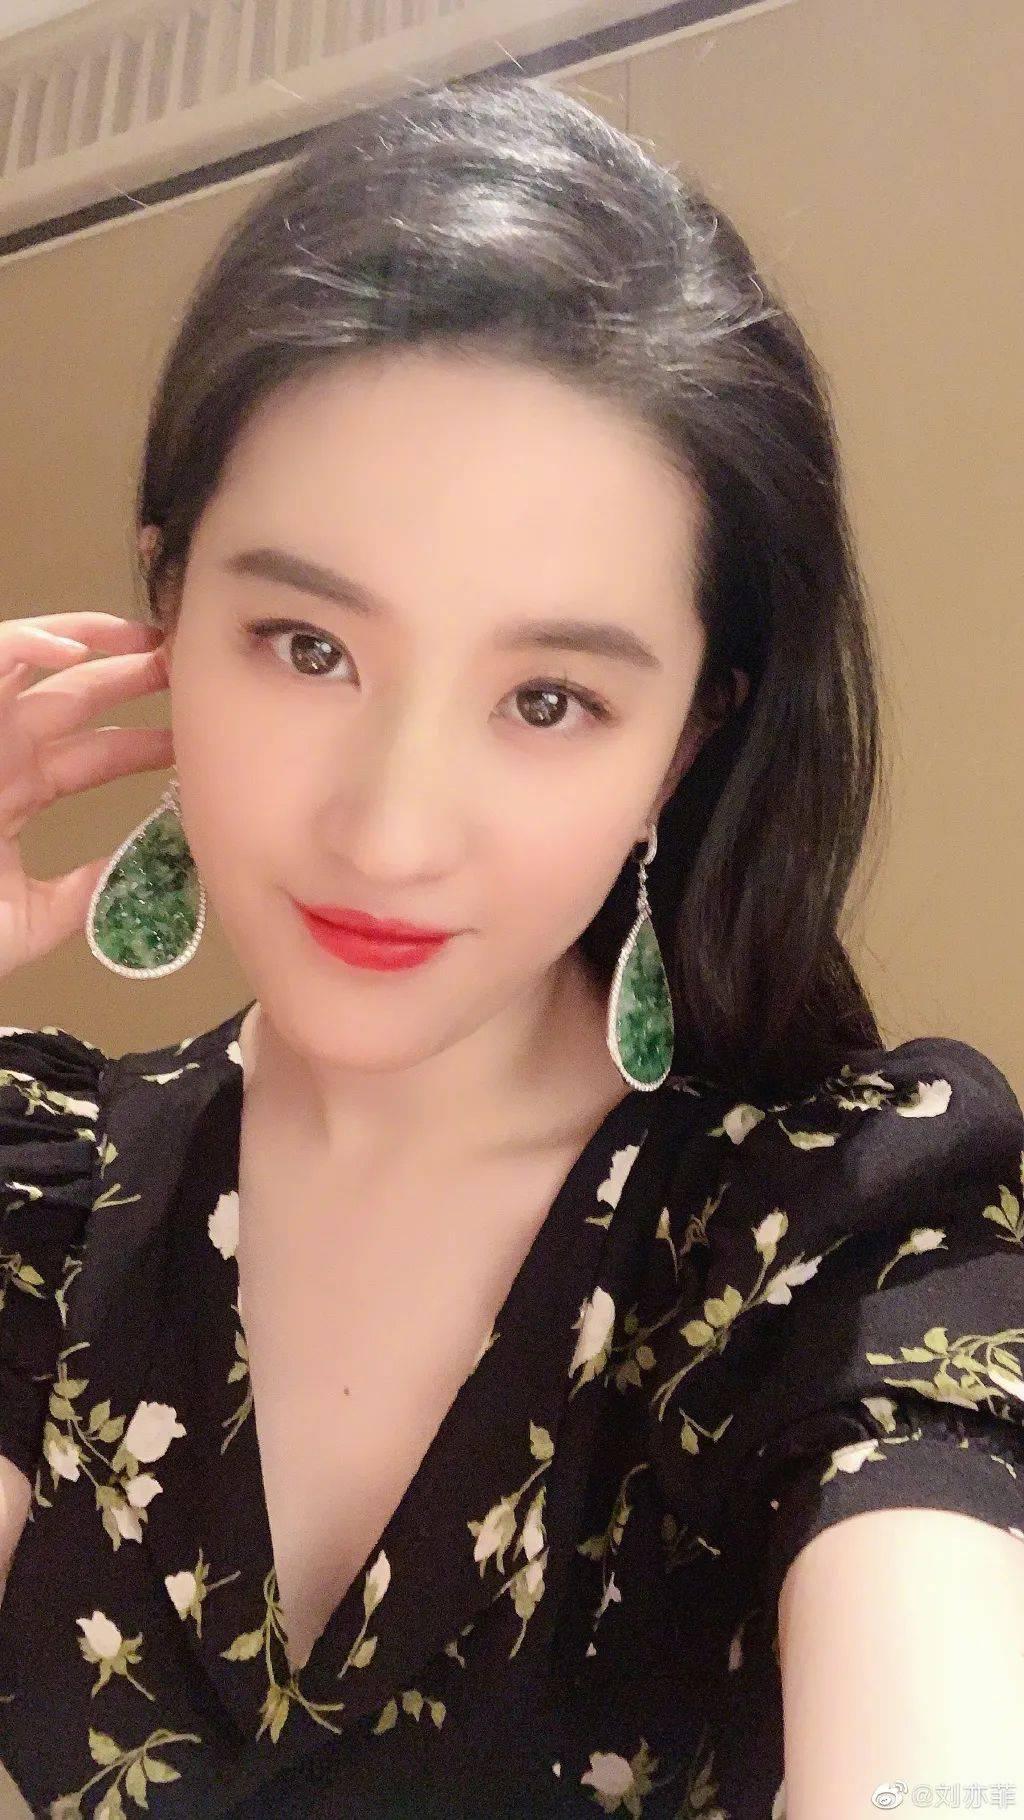 有刘亦菲不适合的发型吗?